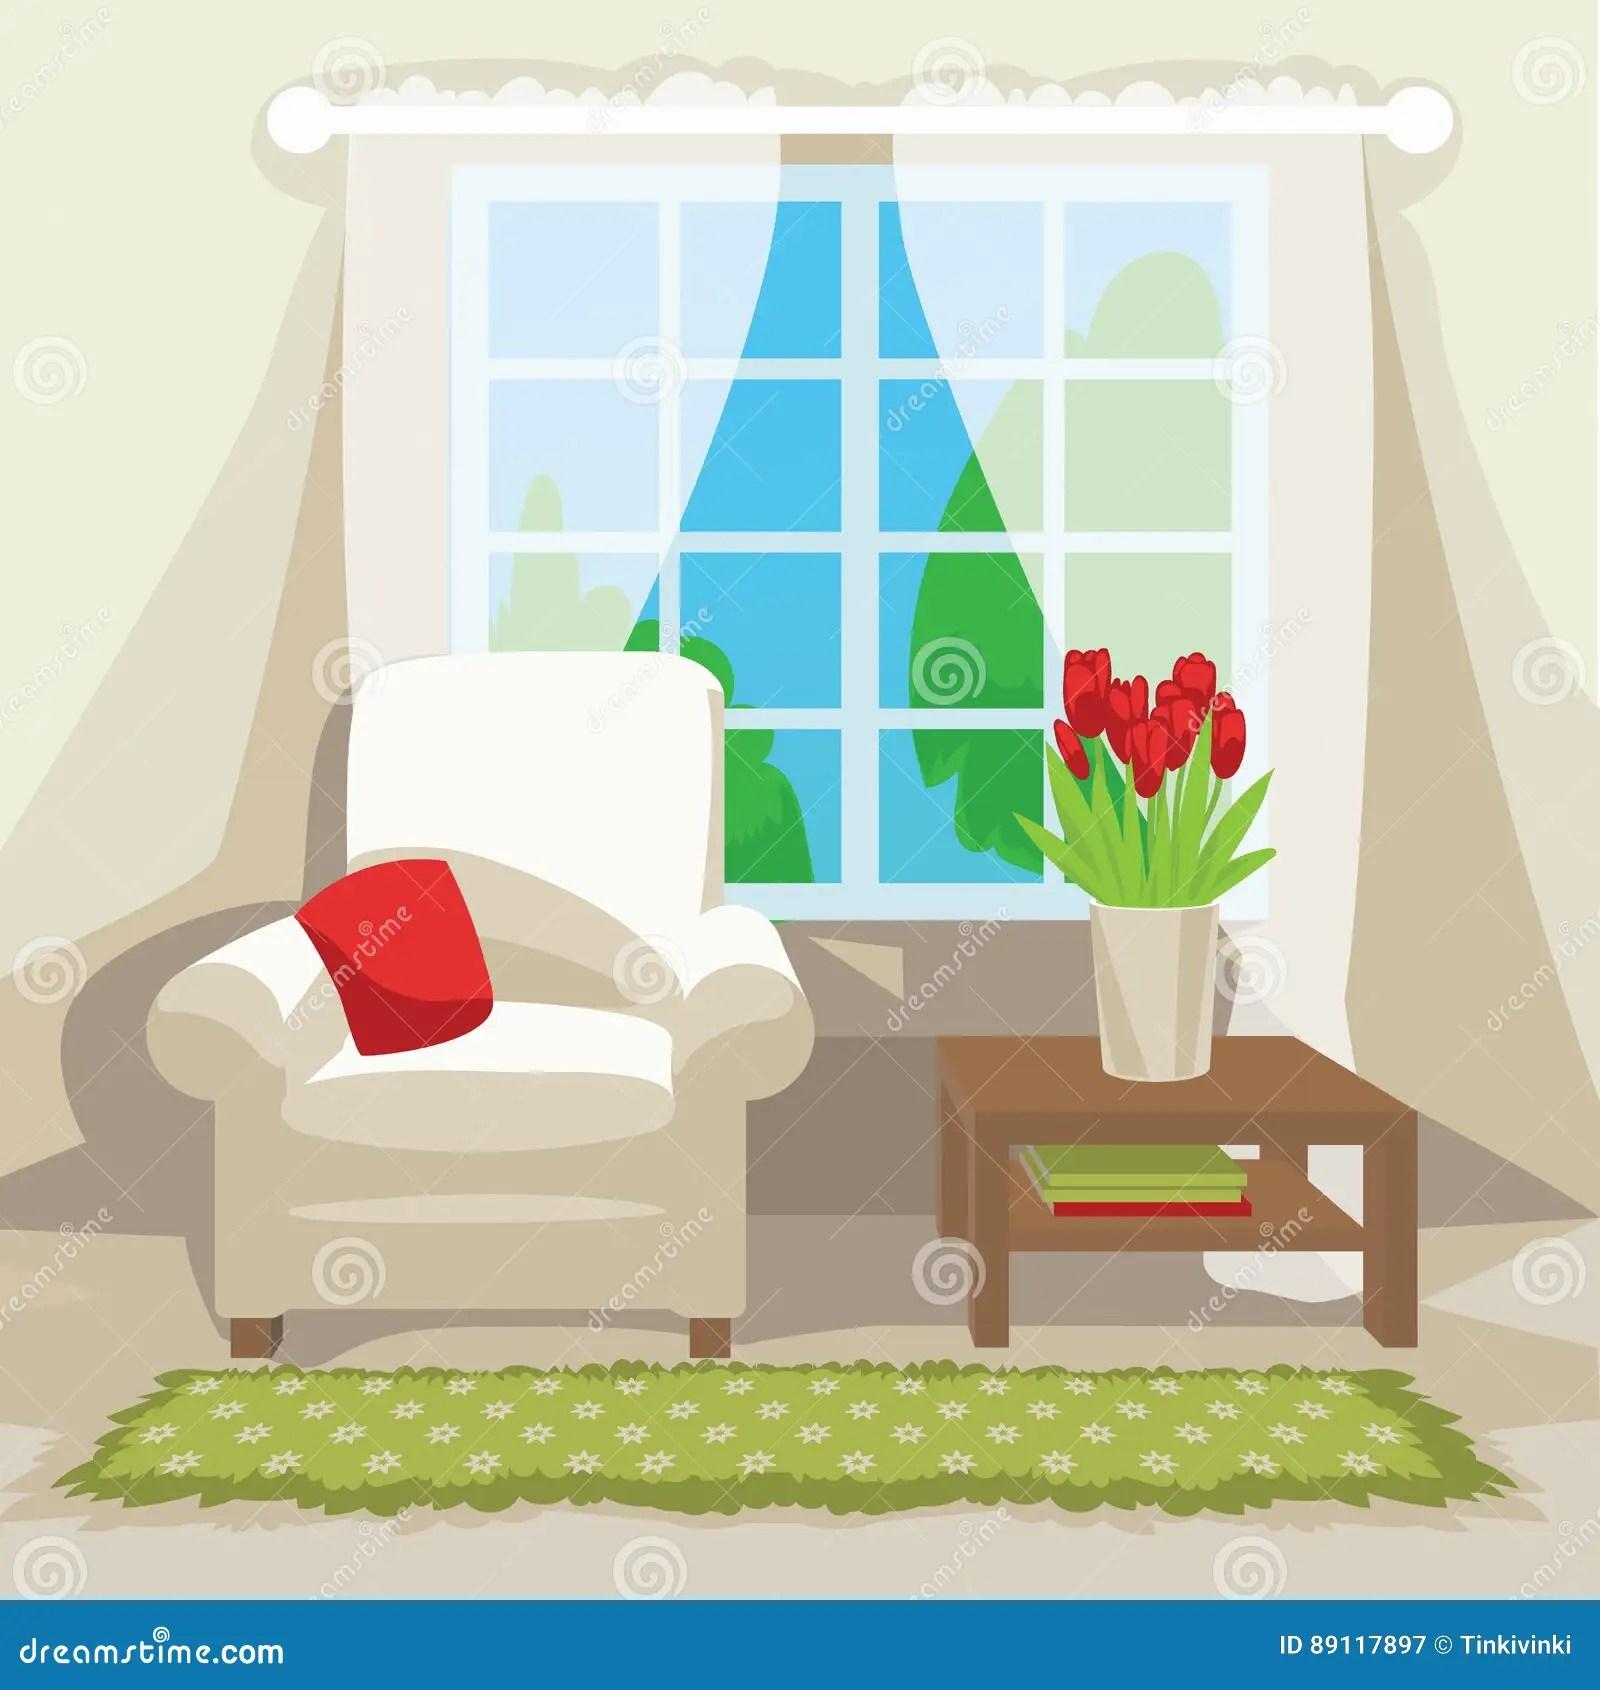 interieur de piece de ressort le fauteuil blanc confortable avec l oreiller rouge table basse avec la tulipe rouge fleurit fenetre derriere